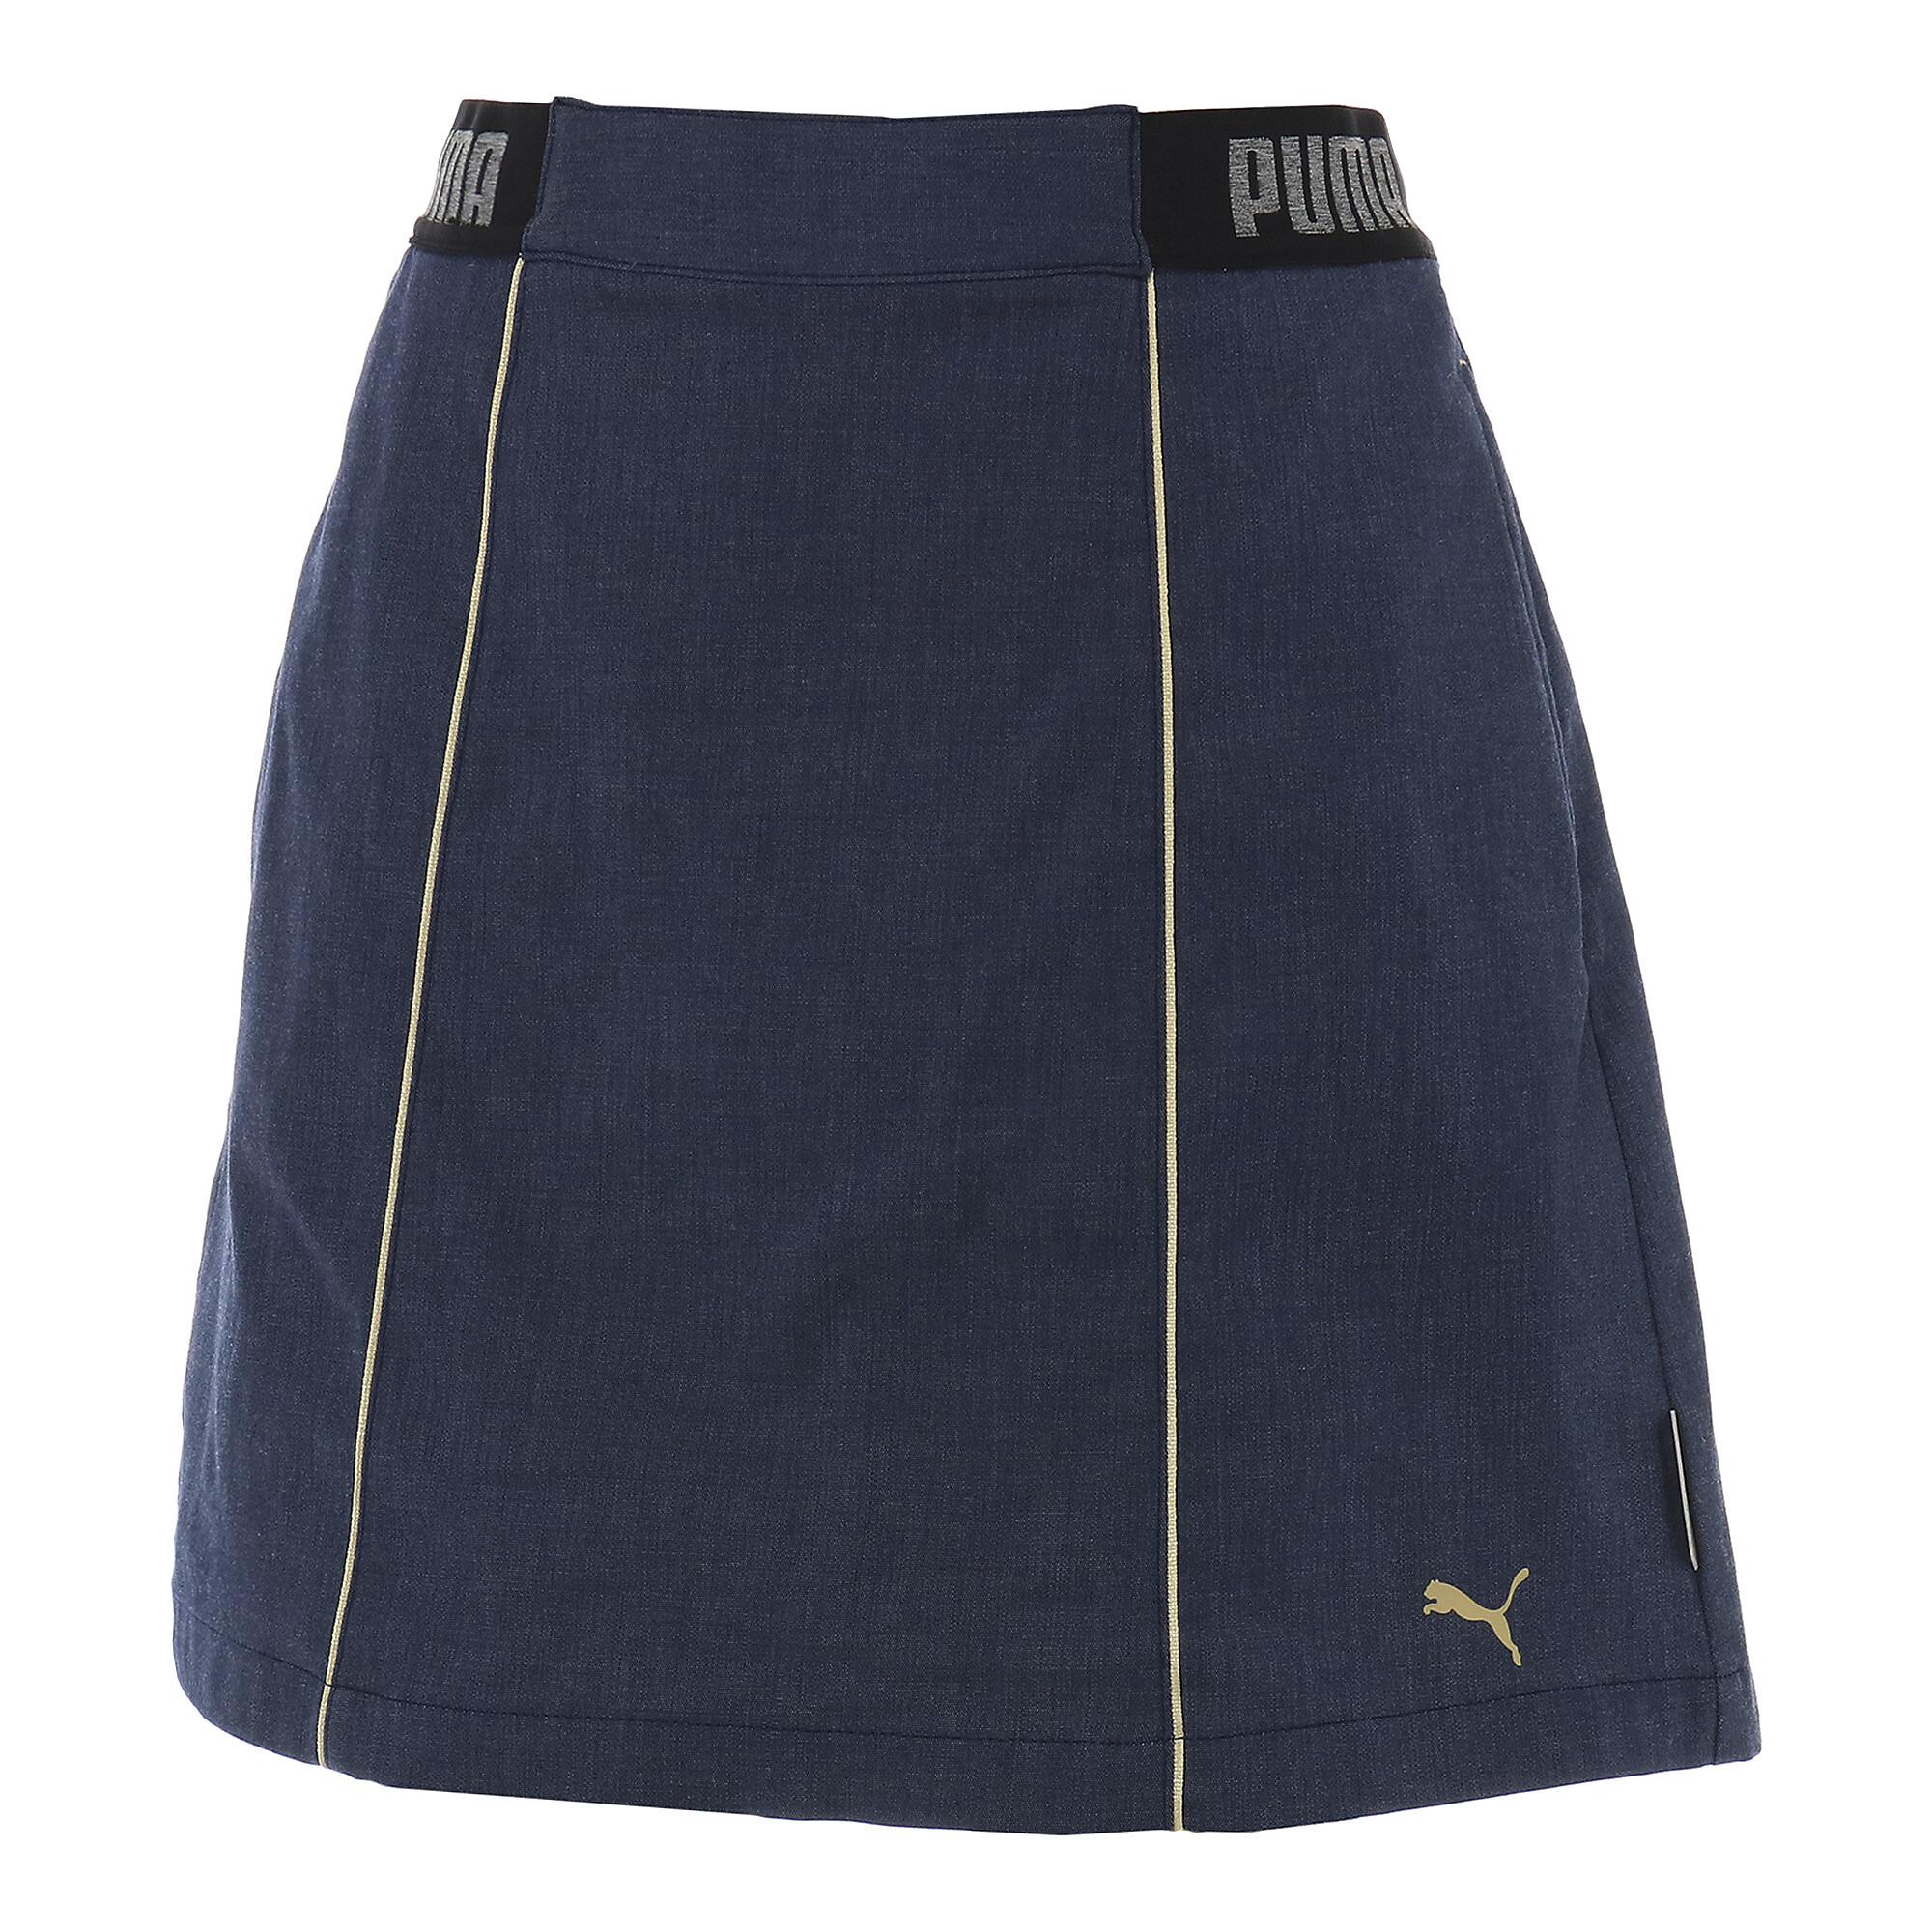 【プーマ公式通販】 プーマ ゴルフ ウィメンズ シャンブレー スカート ウィメンズ Peacoat |PUMA.com